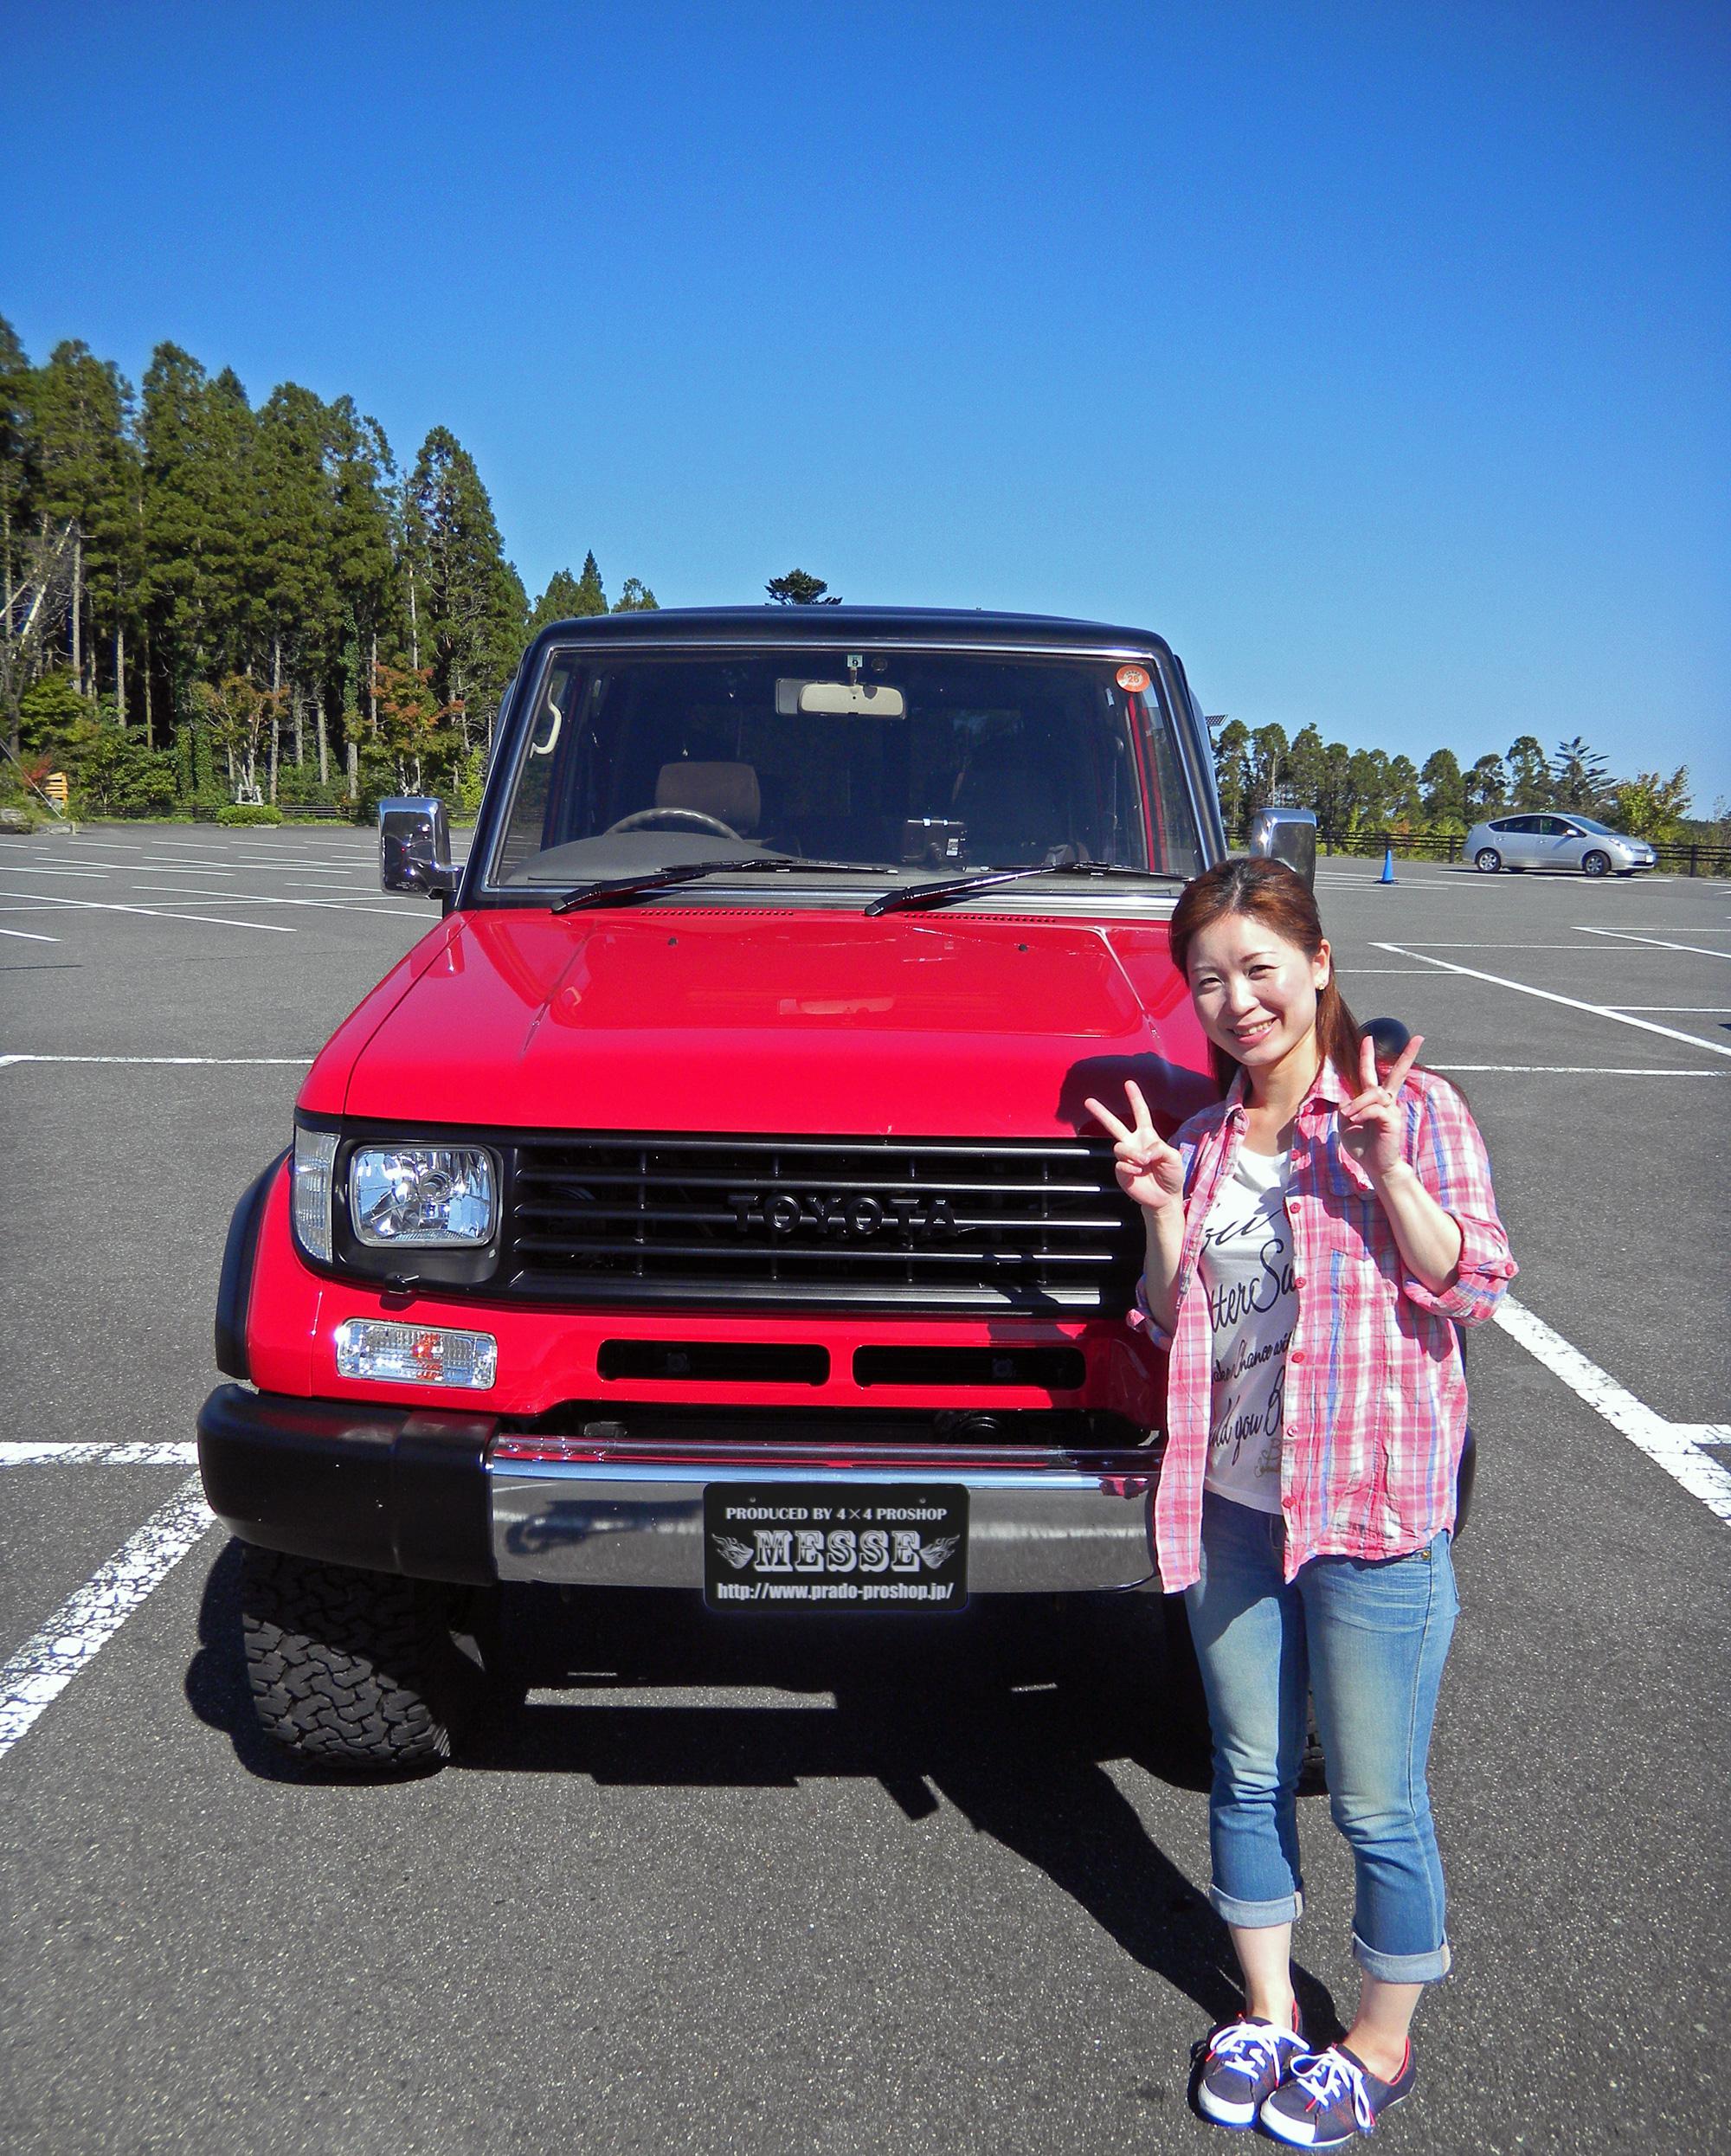 78プラドカスタム中古車長崎県秋吉さん01